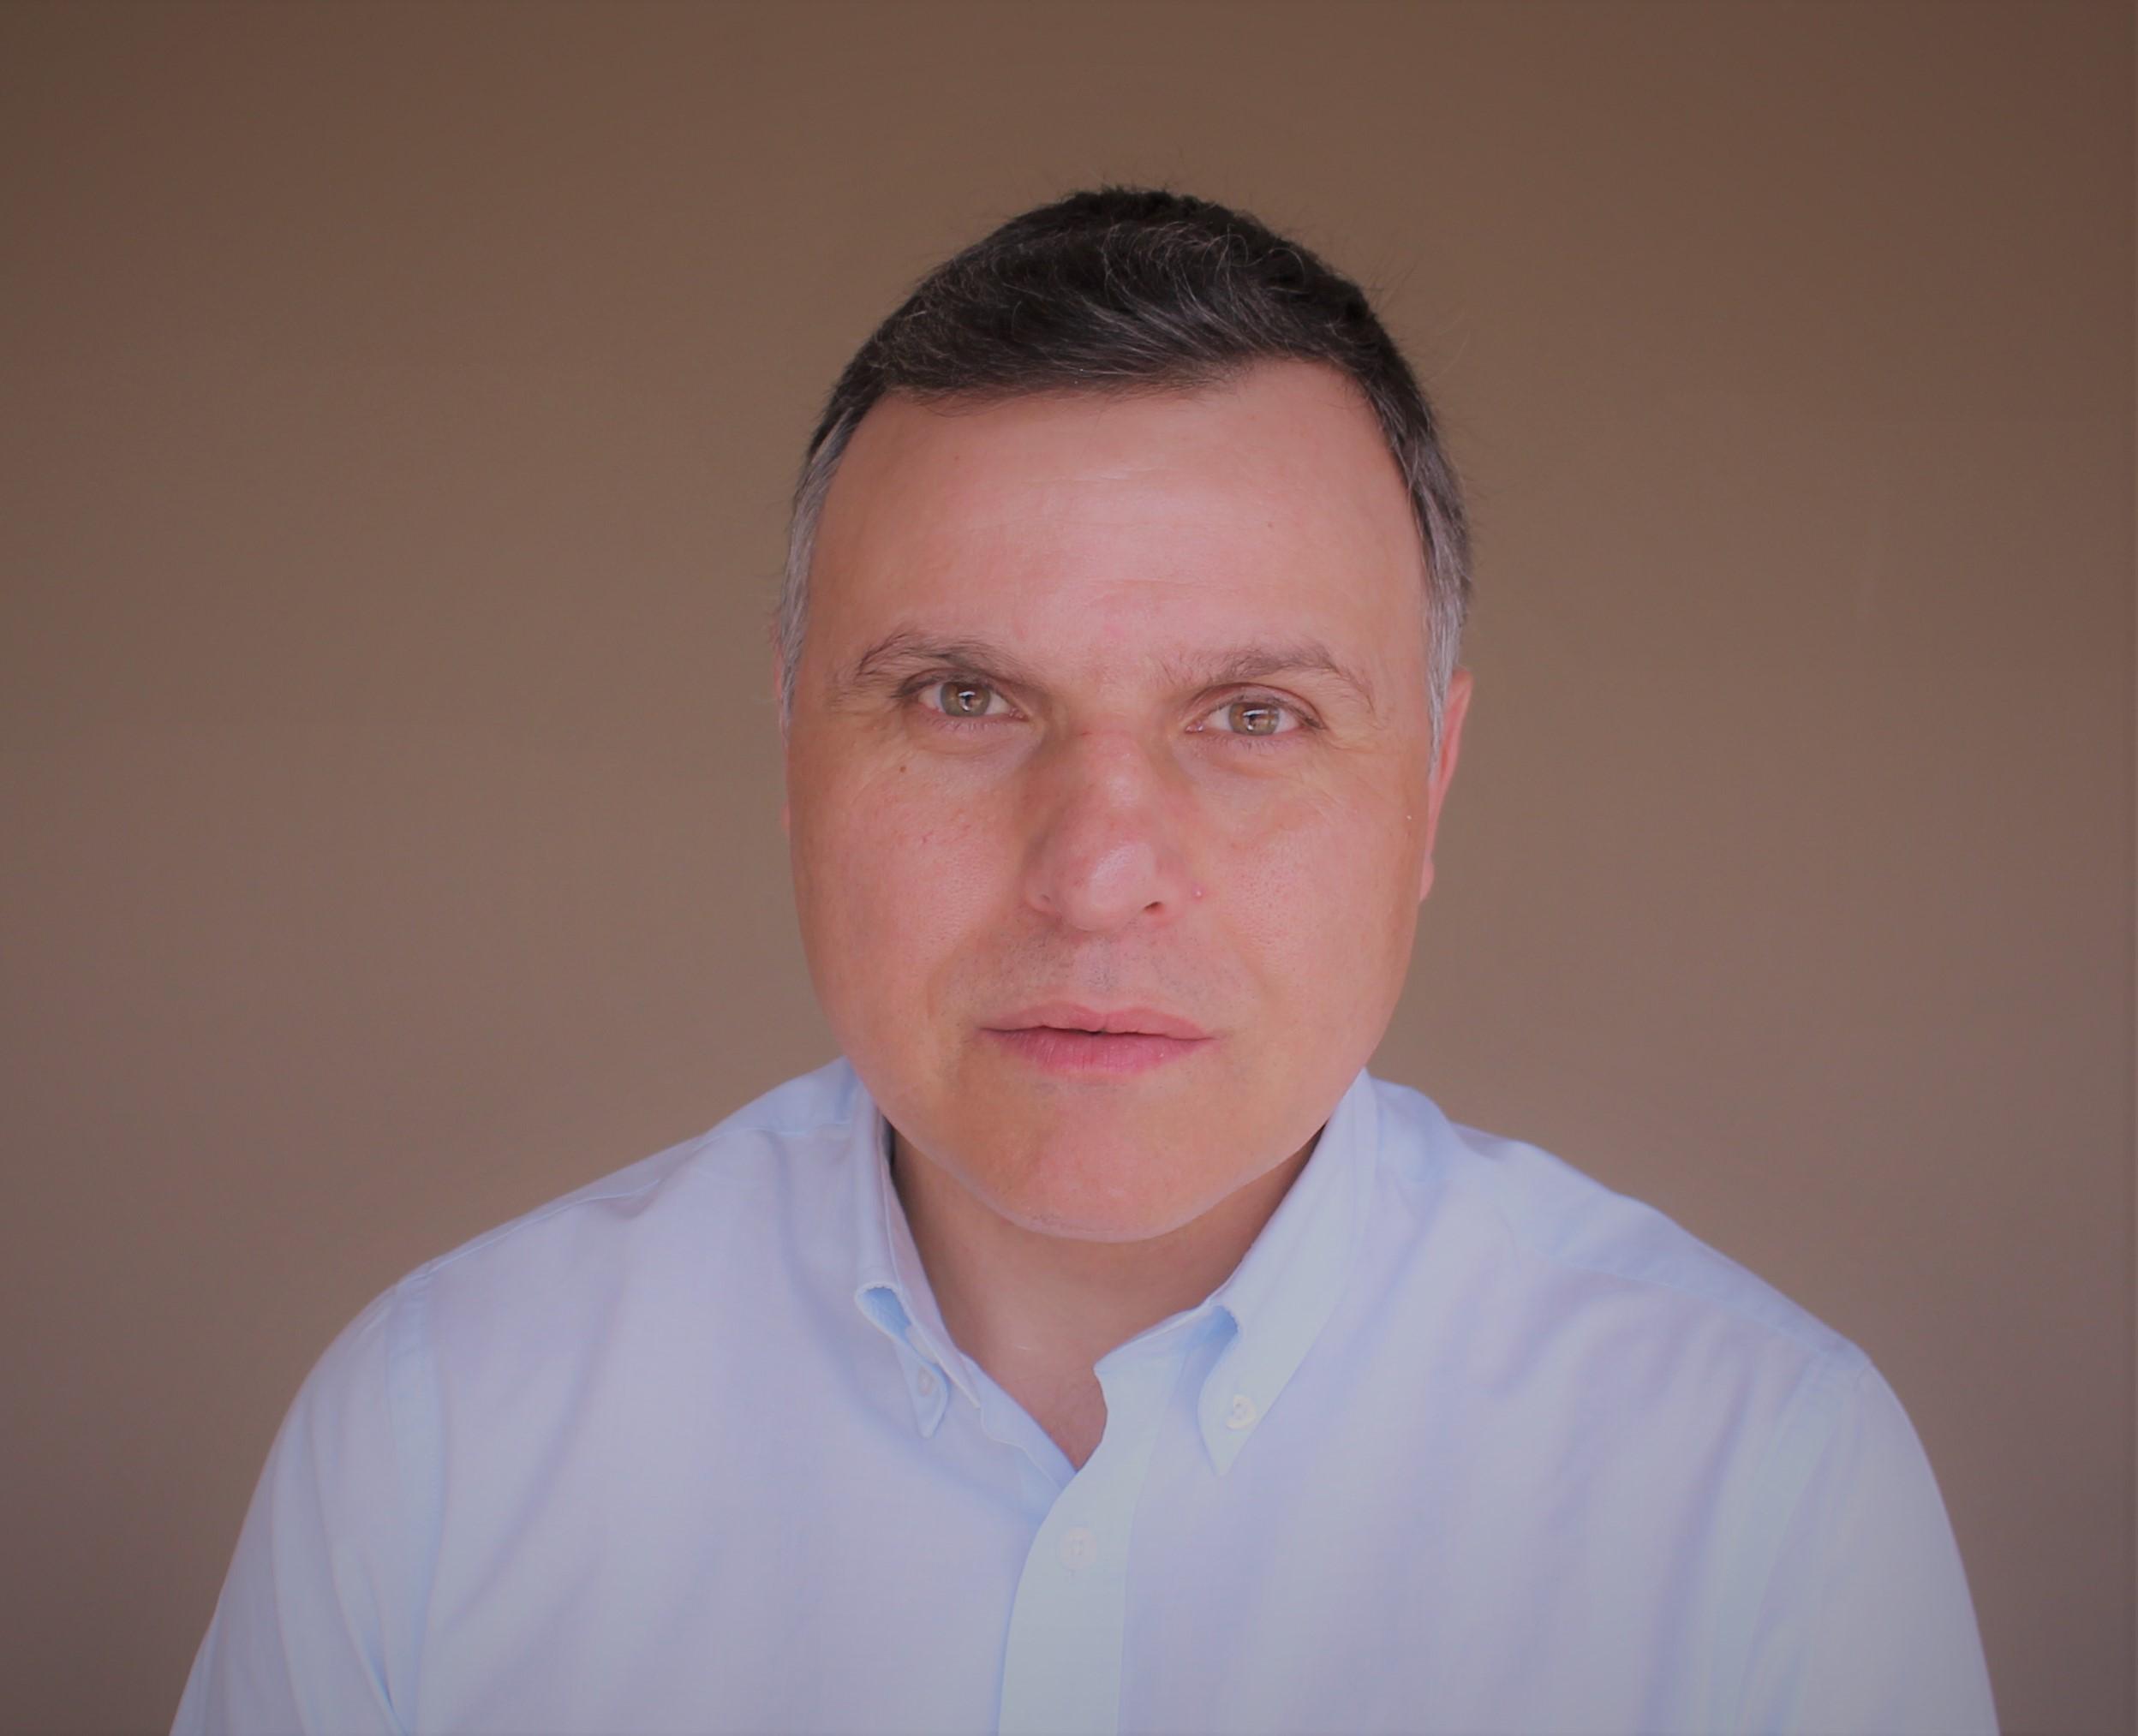 João Pedro Costa